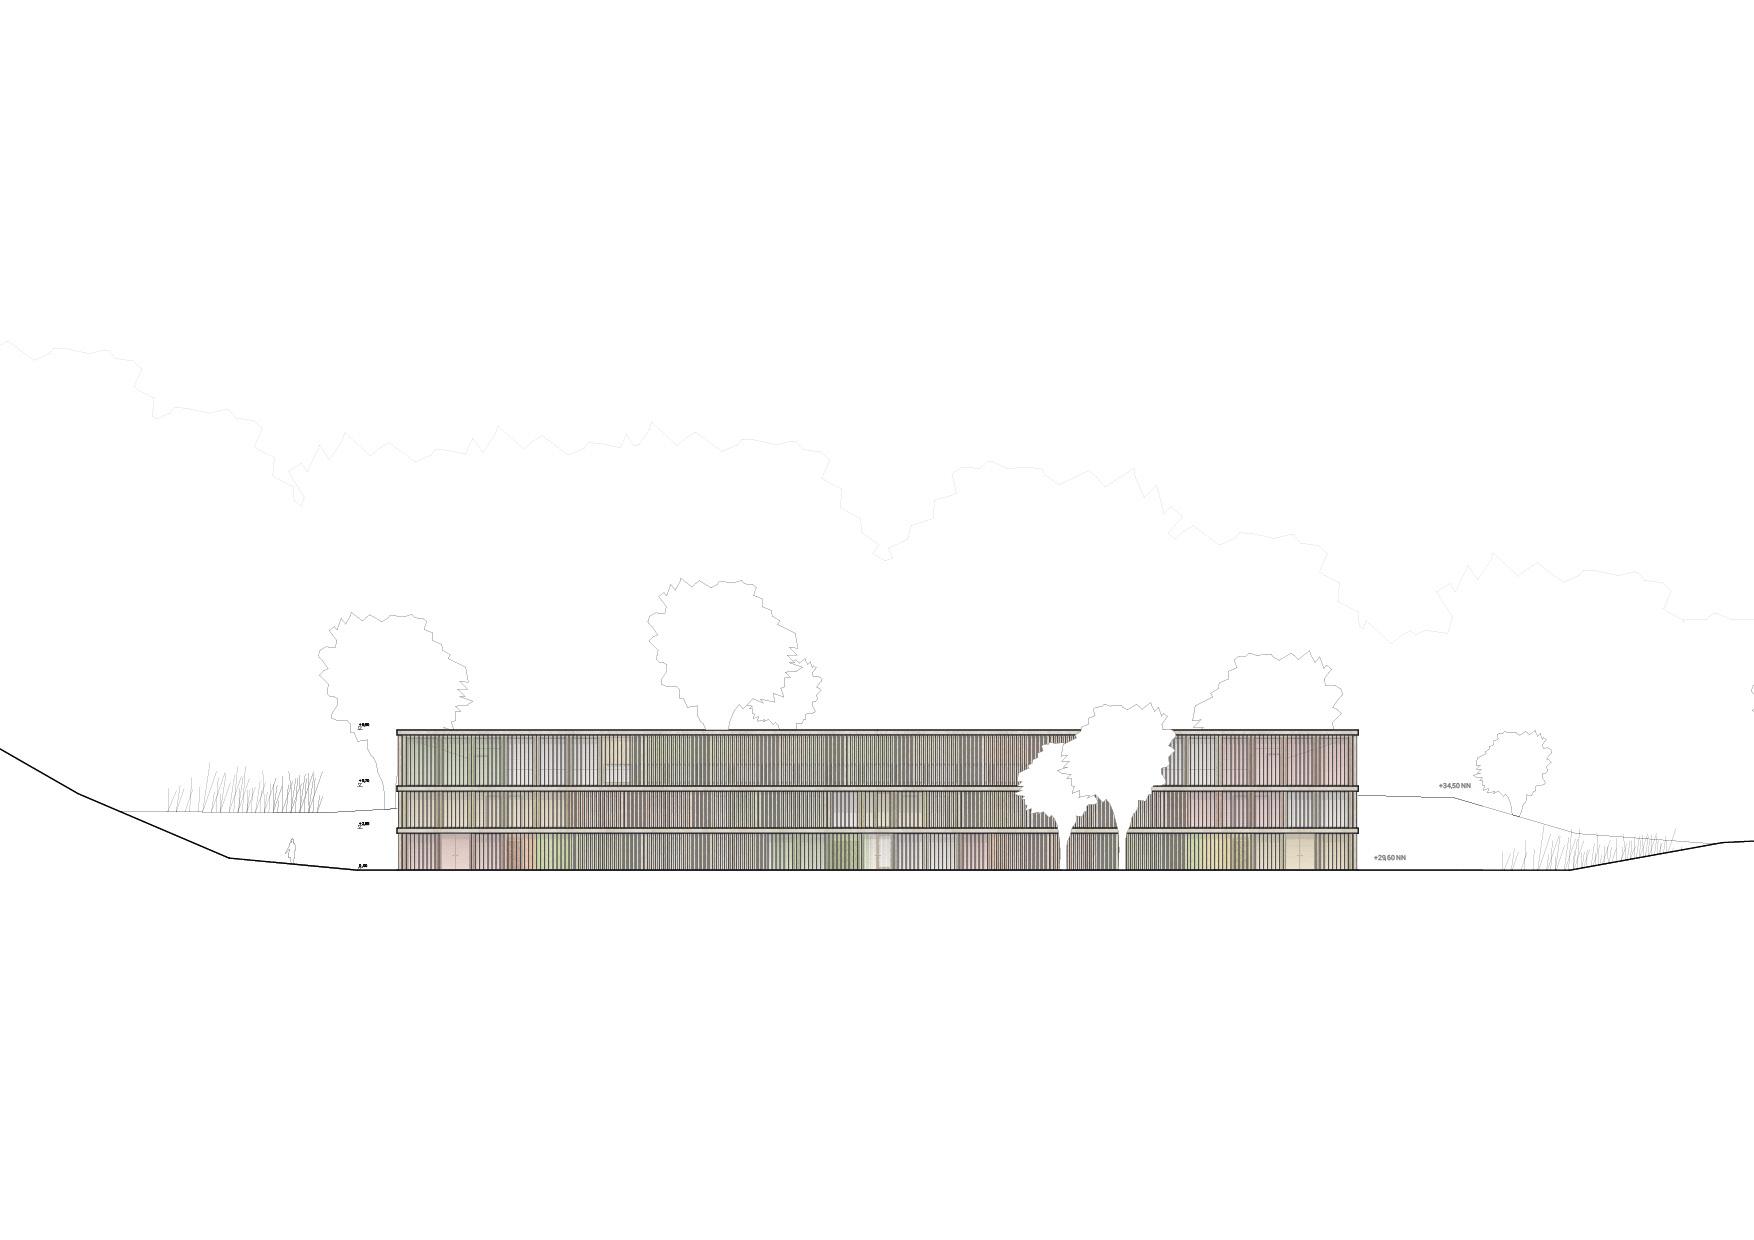 KUBIK Architektur - Studio für Architektur Berlin - architecture - Projekt - Meditationszentrum - Ansicht - Schnitt